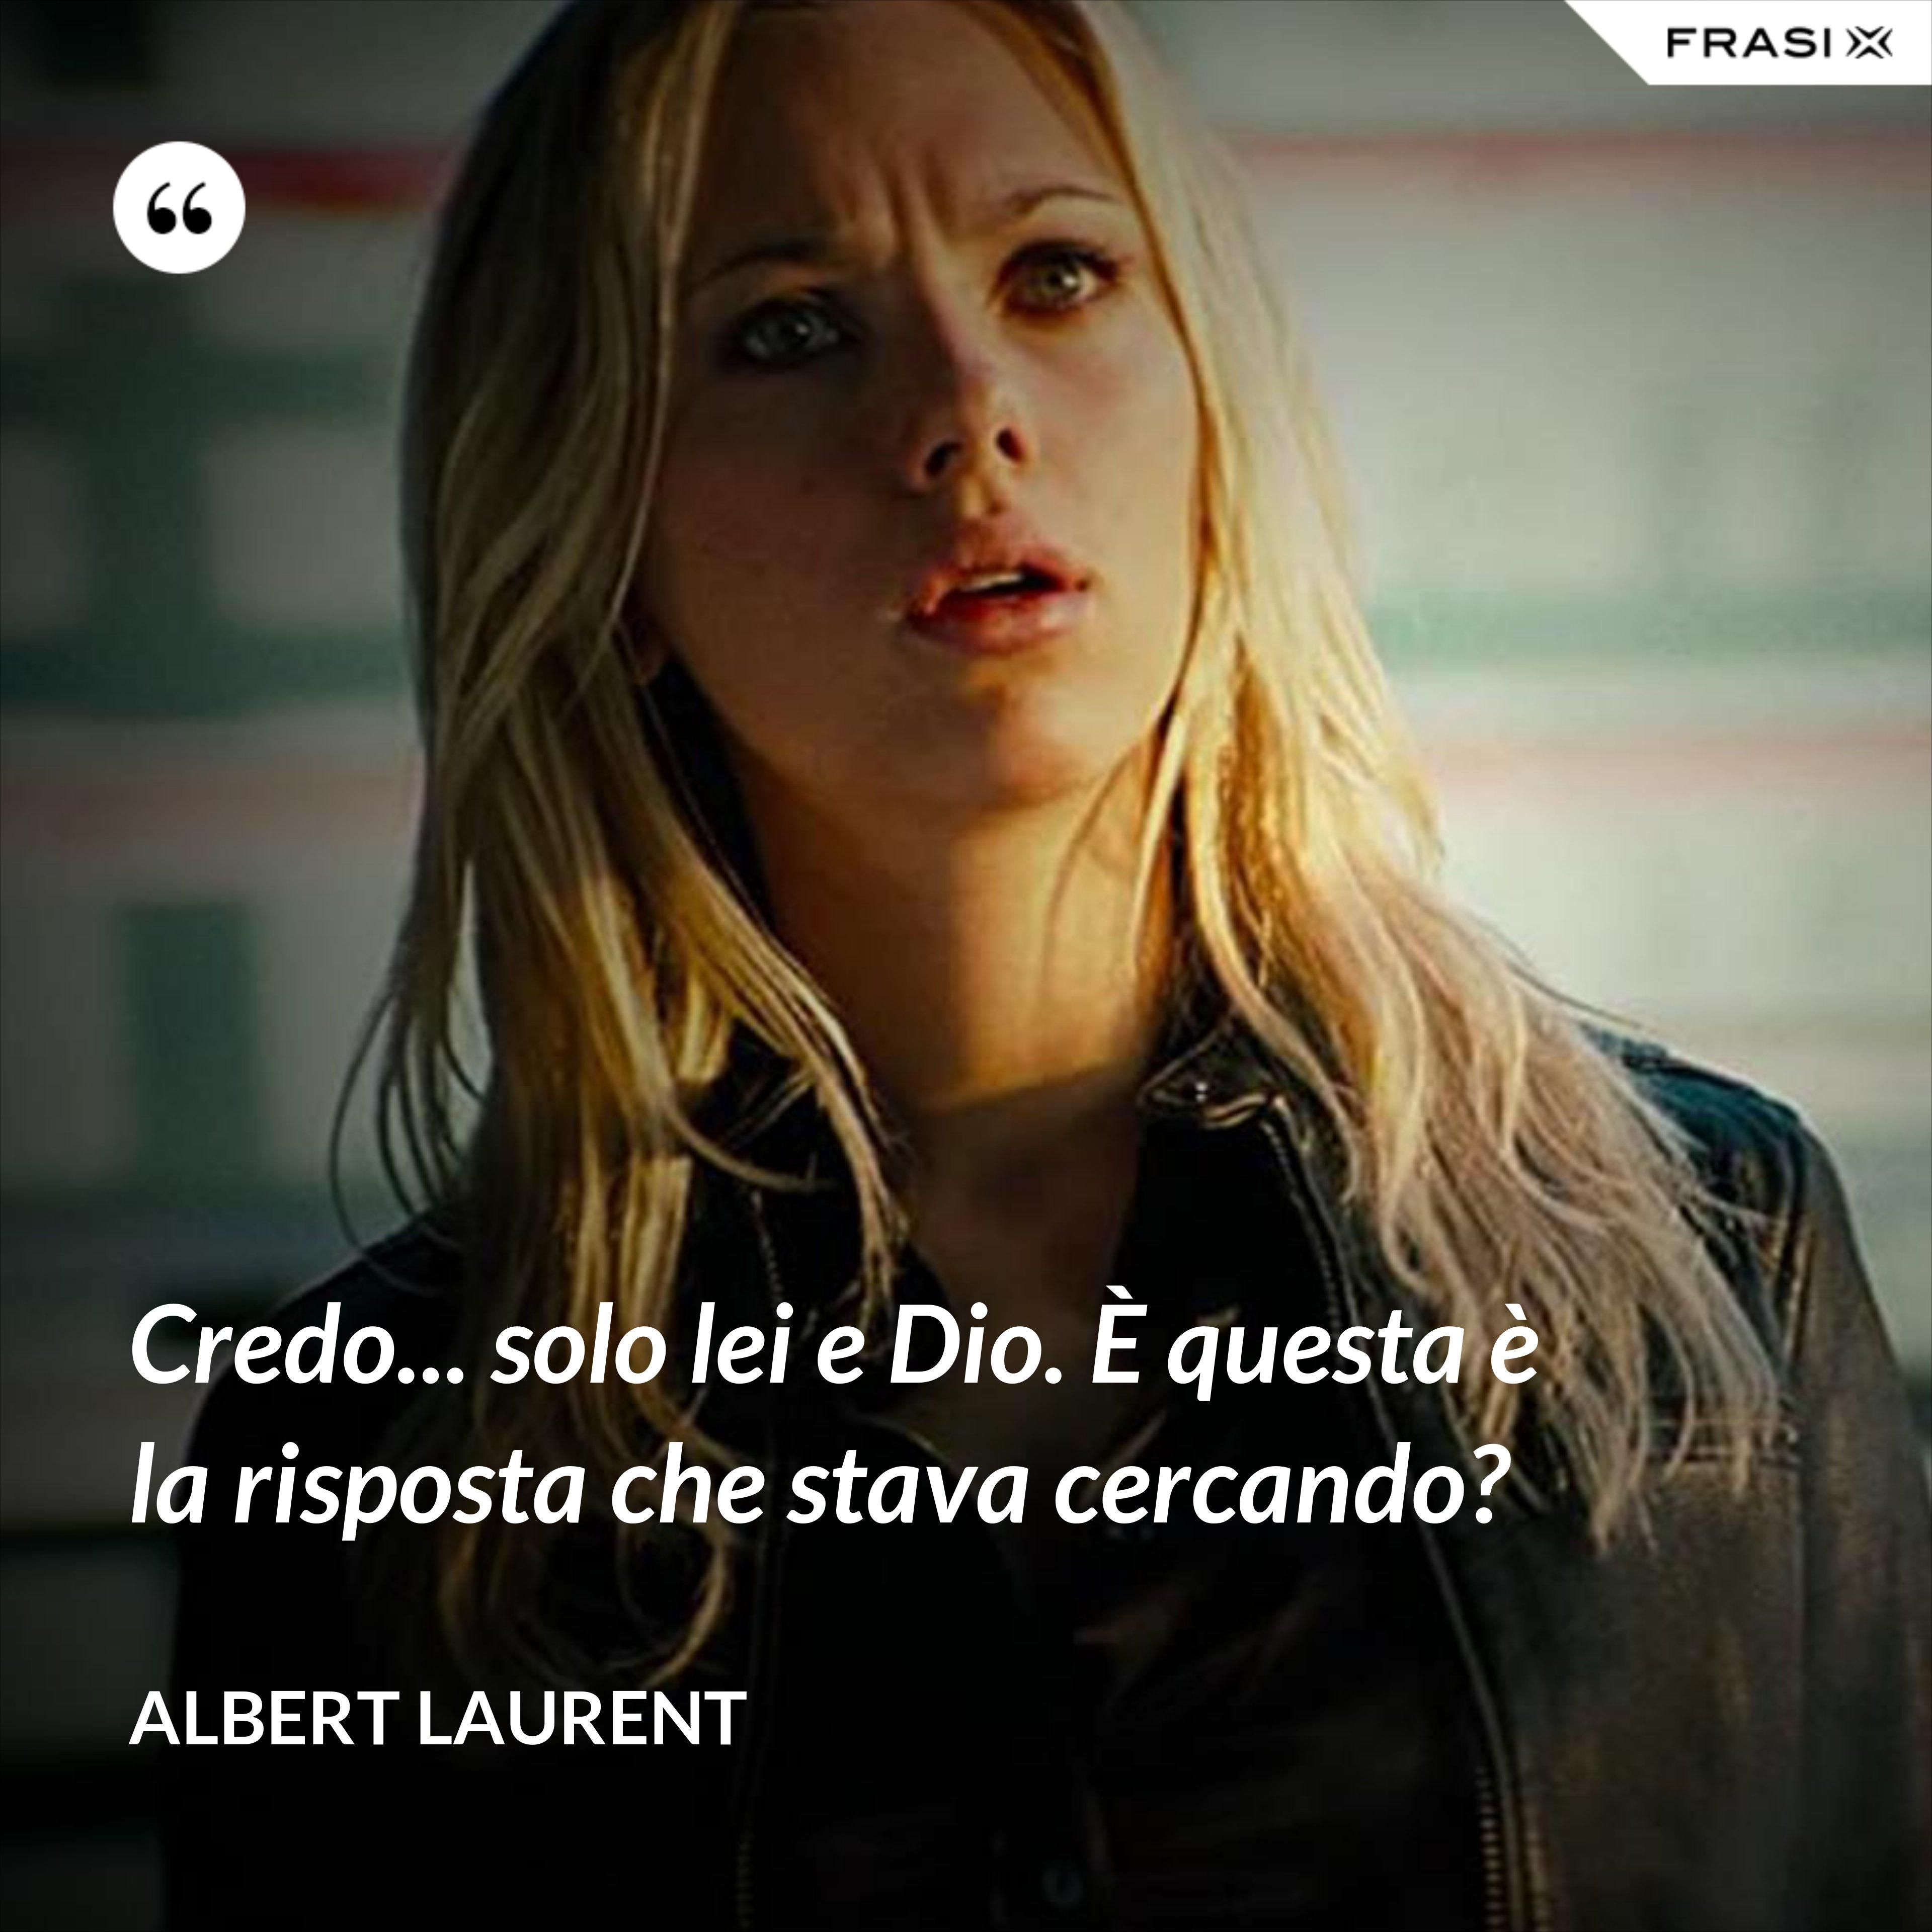 Credo... solo lei e Dio. È questa è la risposta che stava cercando? - Albert Laurent